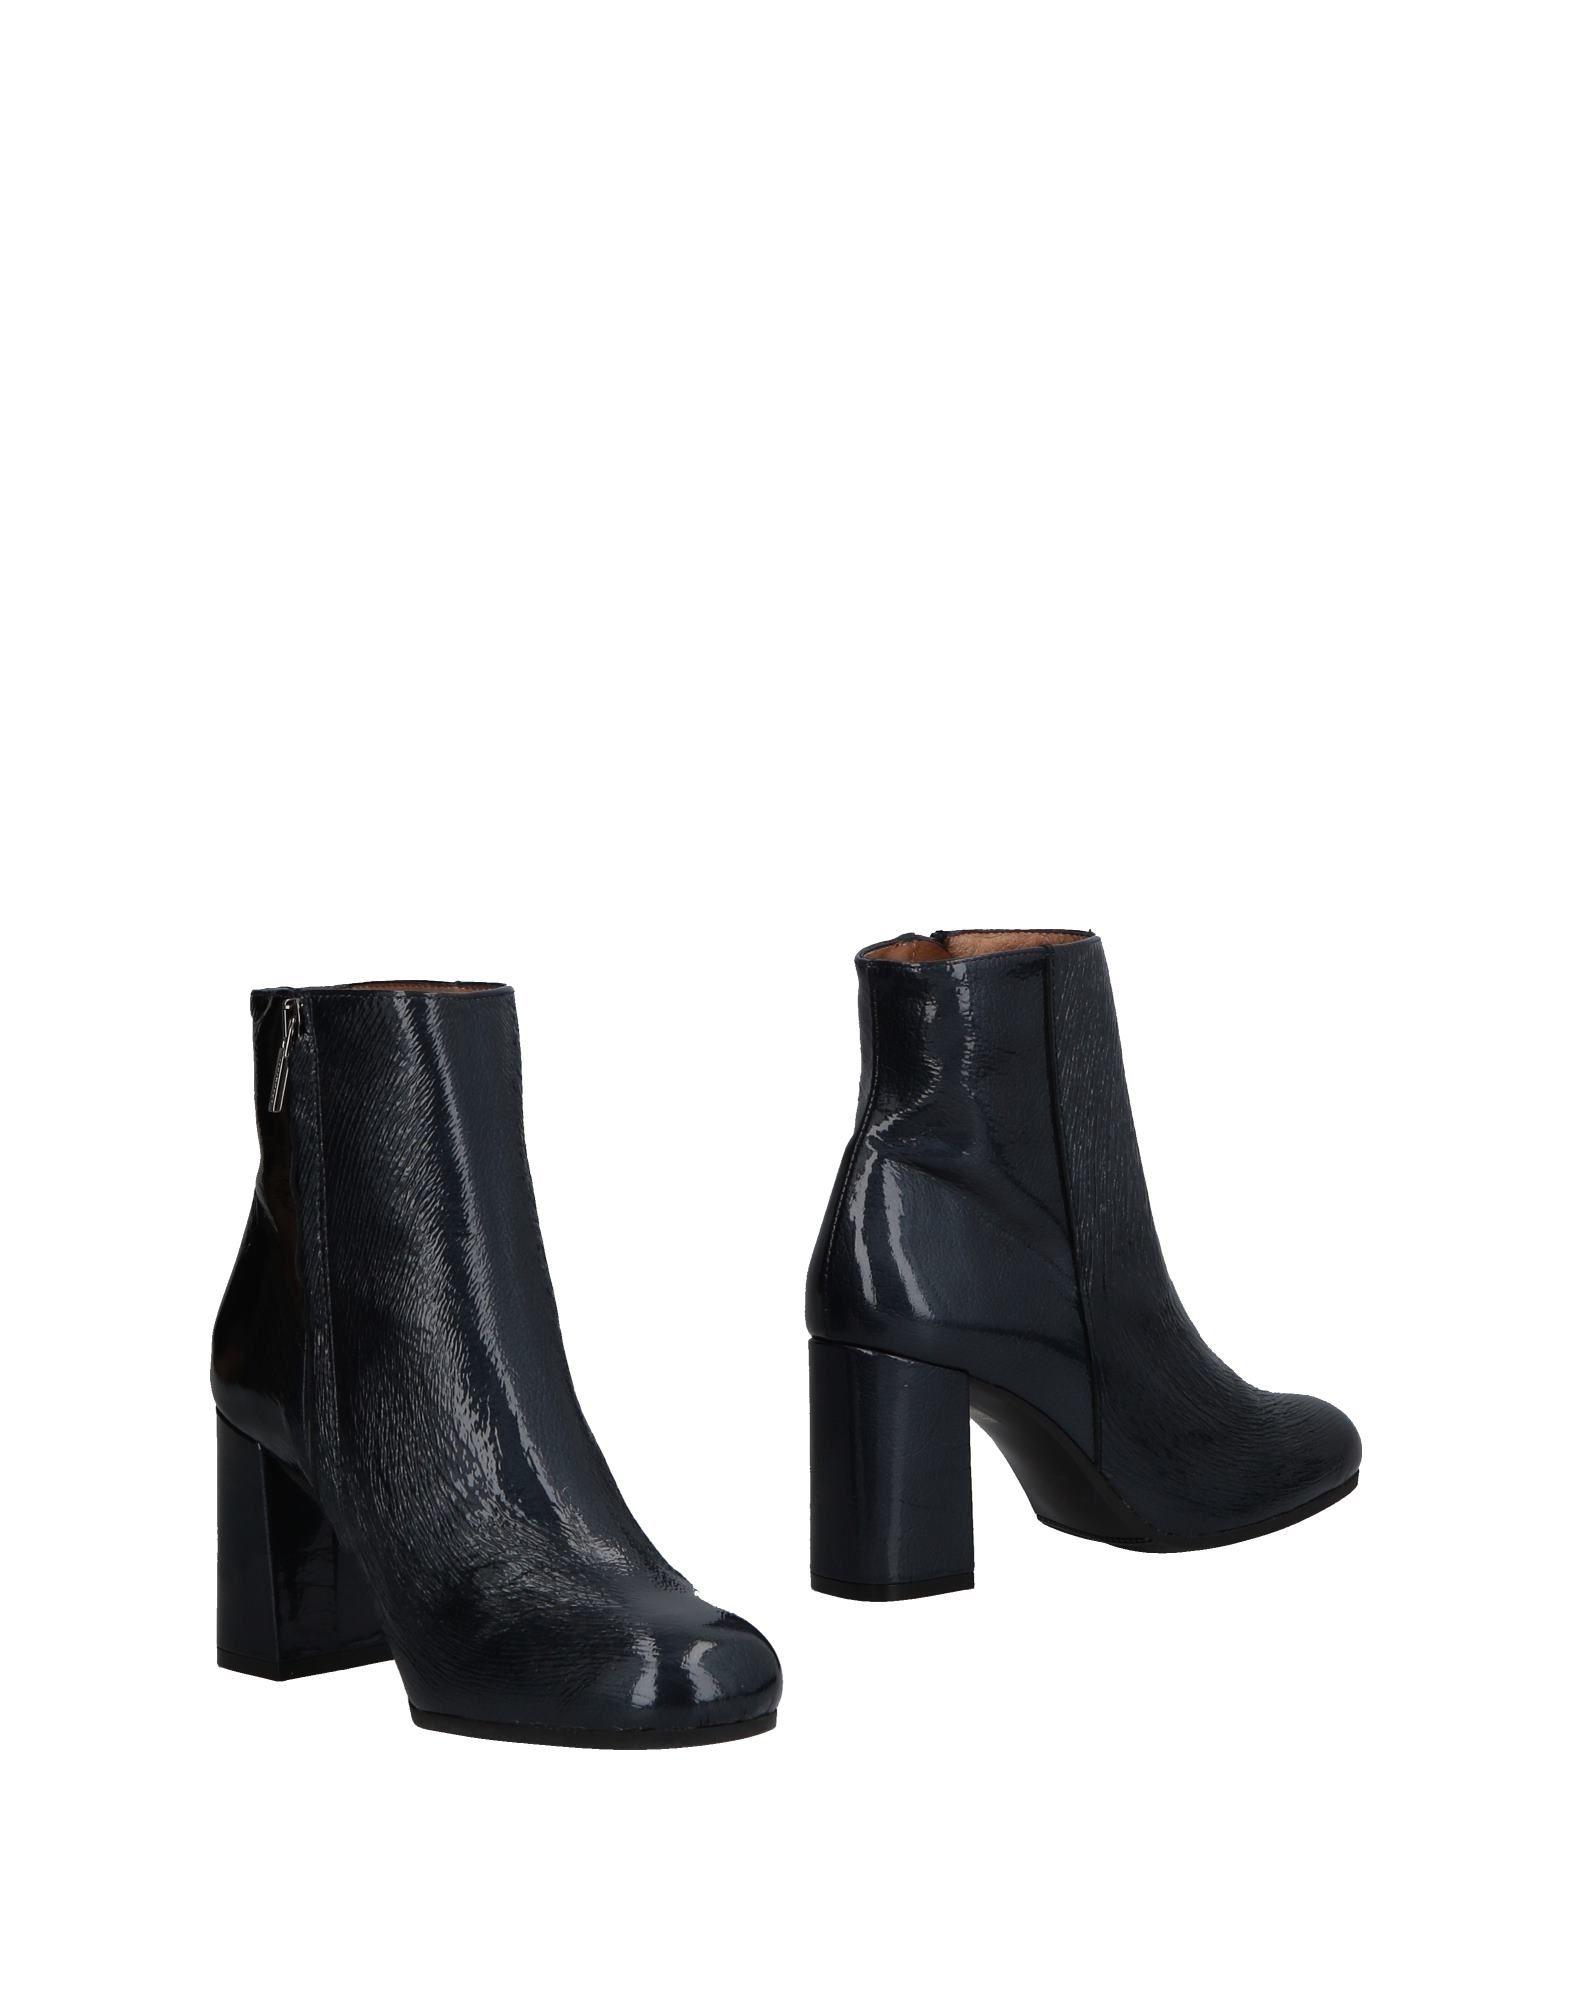 Marian Stiefelette Damen  11496774DQ Gute Qualität beliebte Schuhe